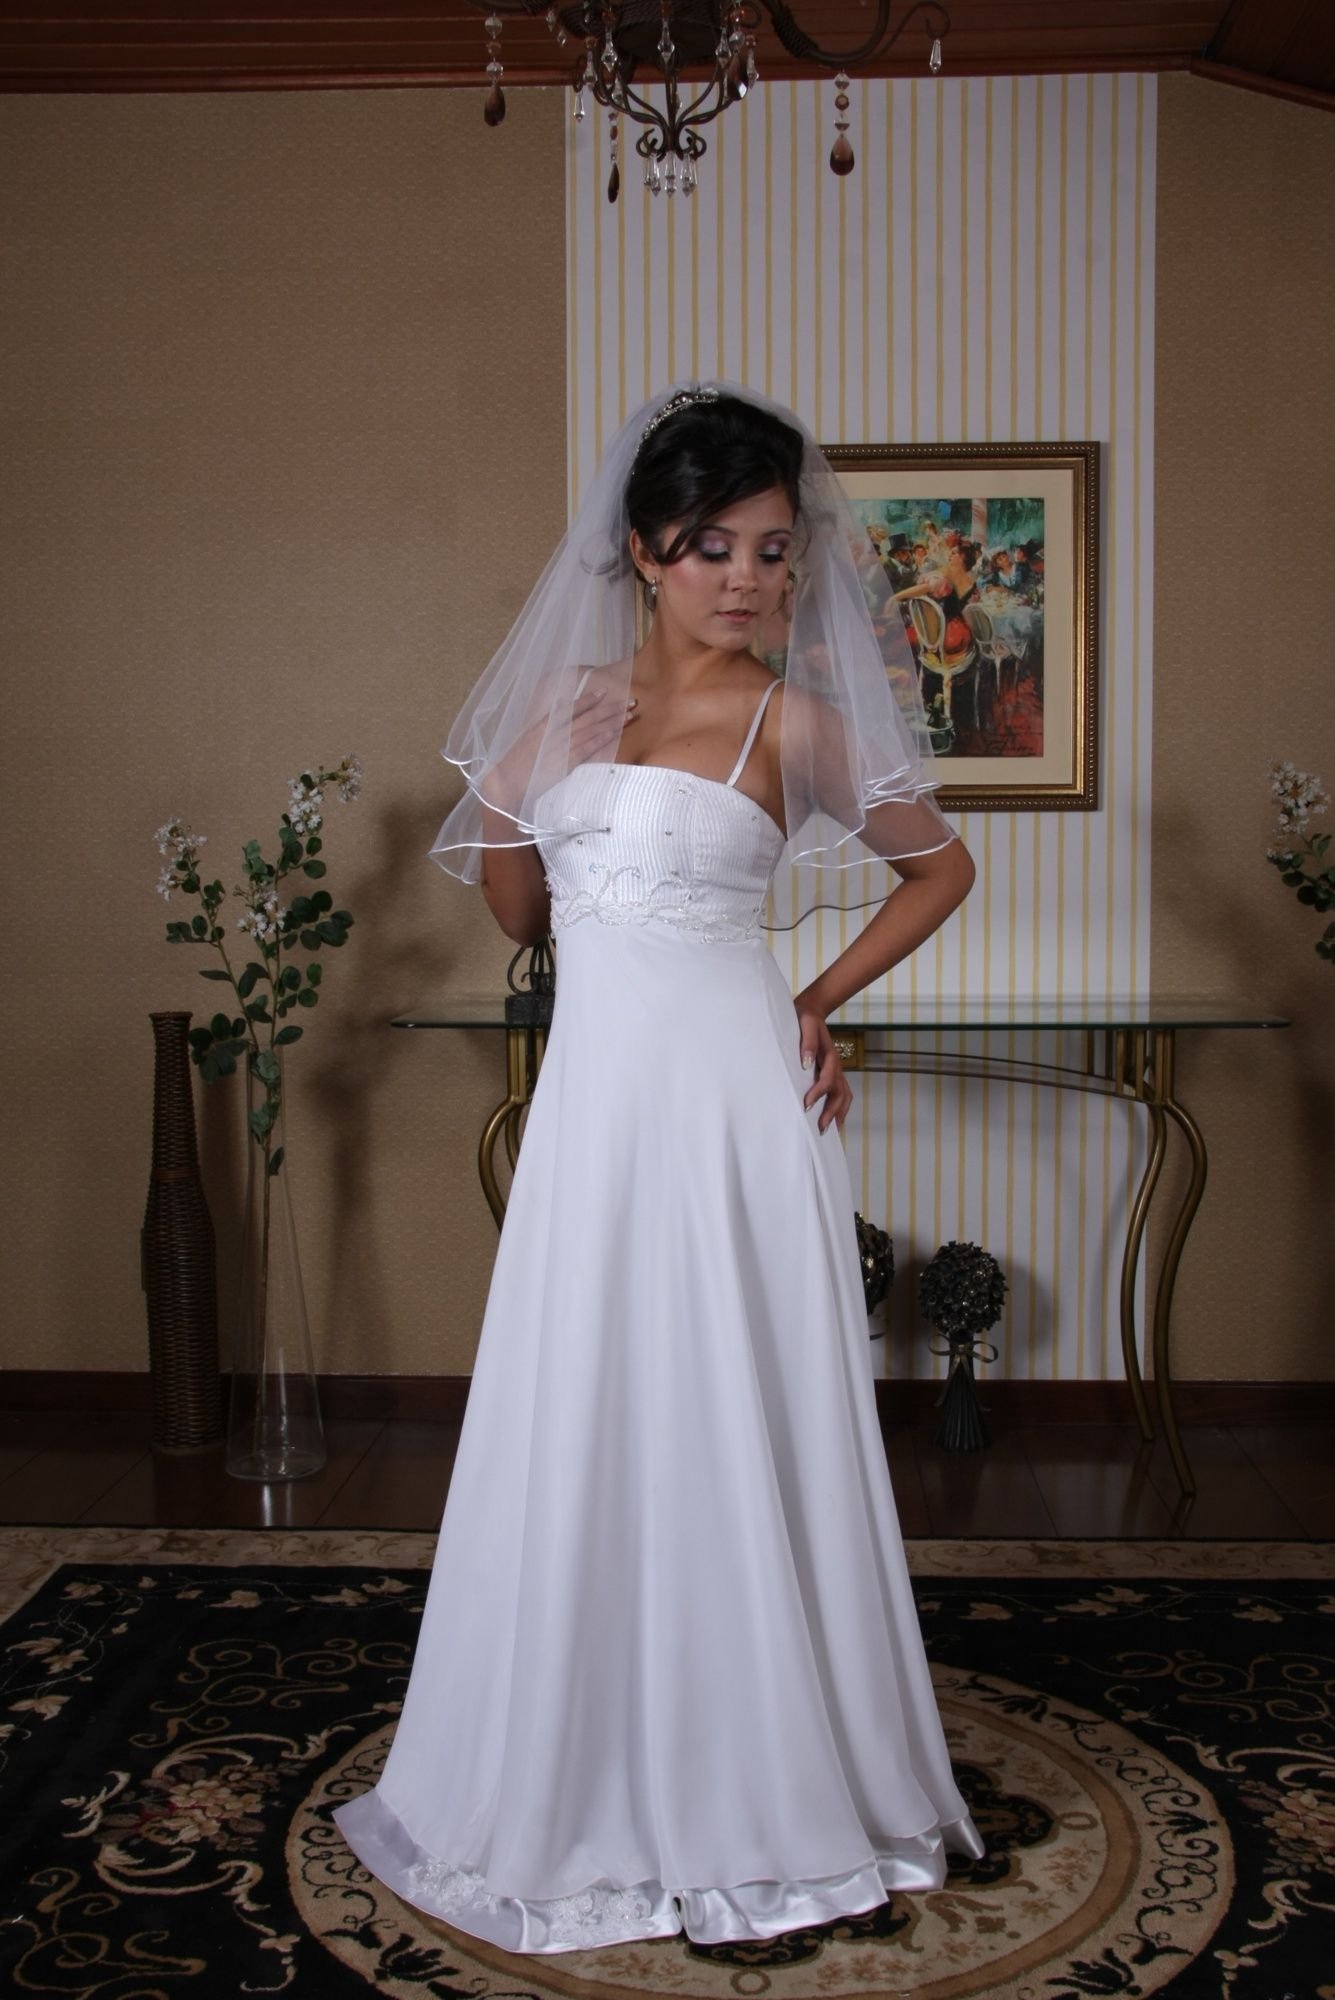 Vestido de Noiva Leve - 7 - Hipnose Alta Costura e Spa para Noivas e Noivos - Campinas - SP Vestido de Noiva, Vestido de Noiva Leve, Hipnose Alta Costura